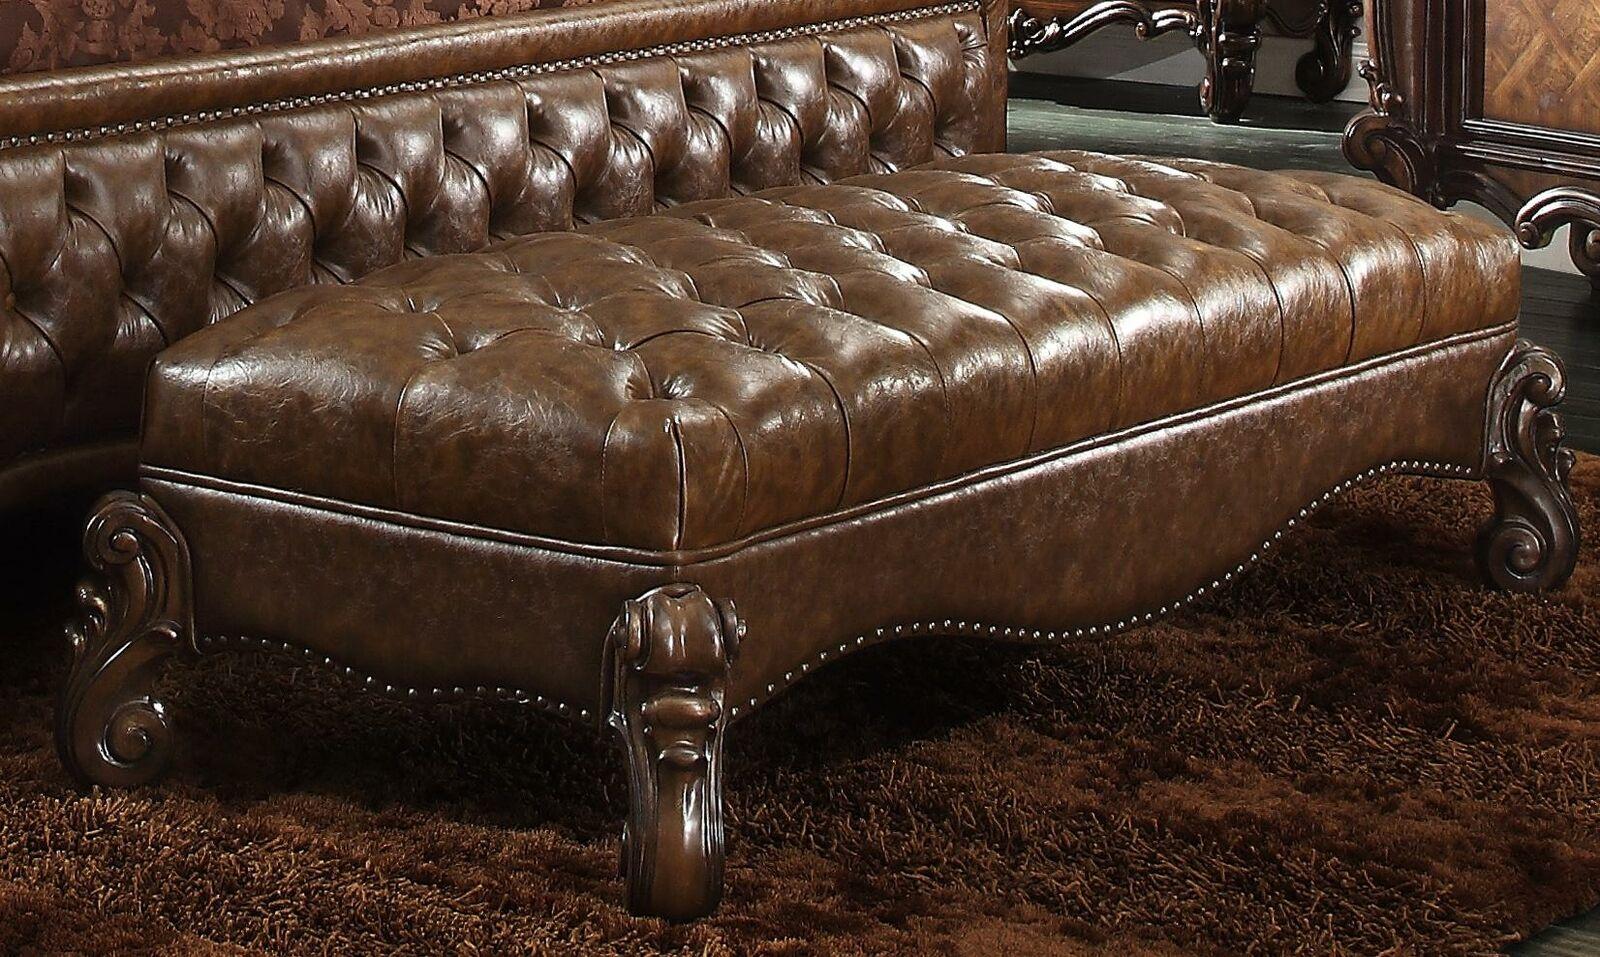 Chaiselounge Antik Stil Sofa Liege Couch Liegen Chaise Leder Barock Rokoko Neu